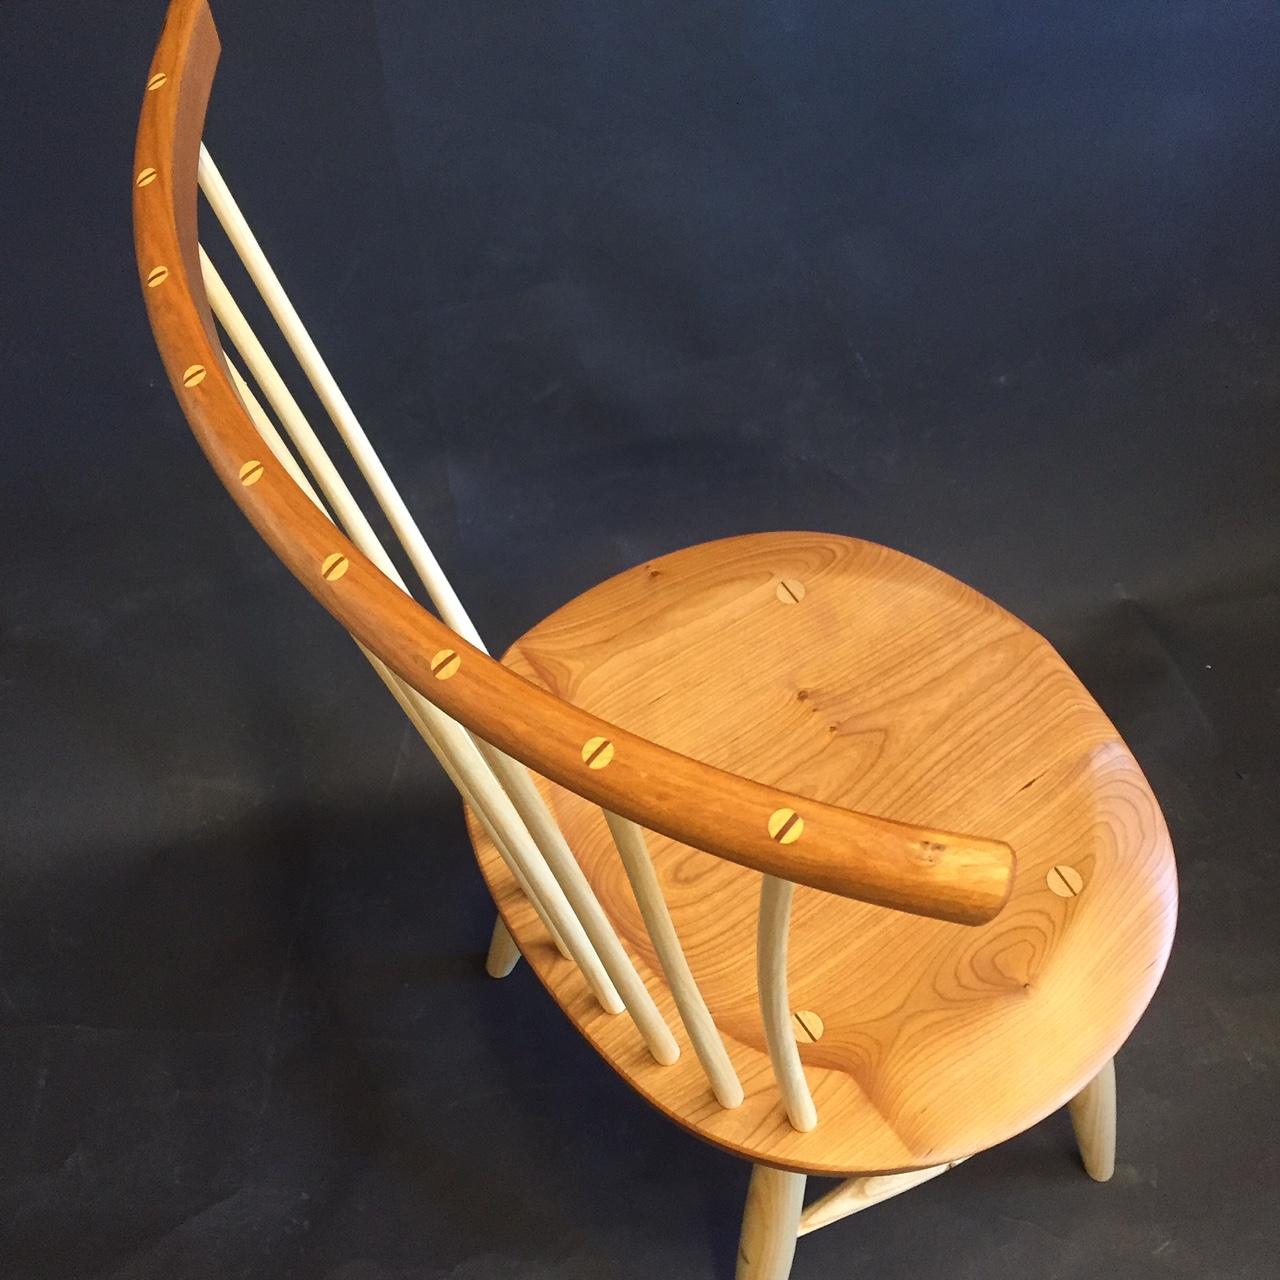 Waltham side chair - timothy clark